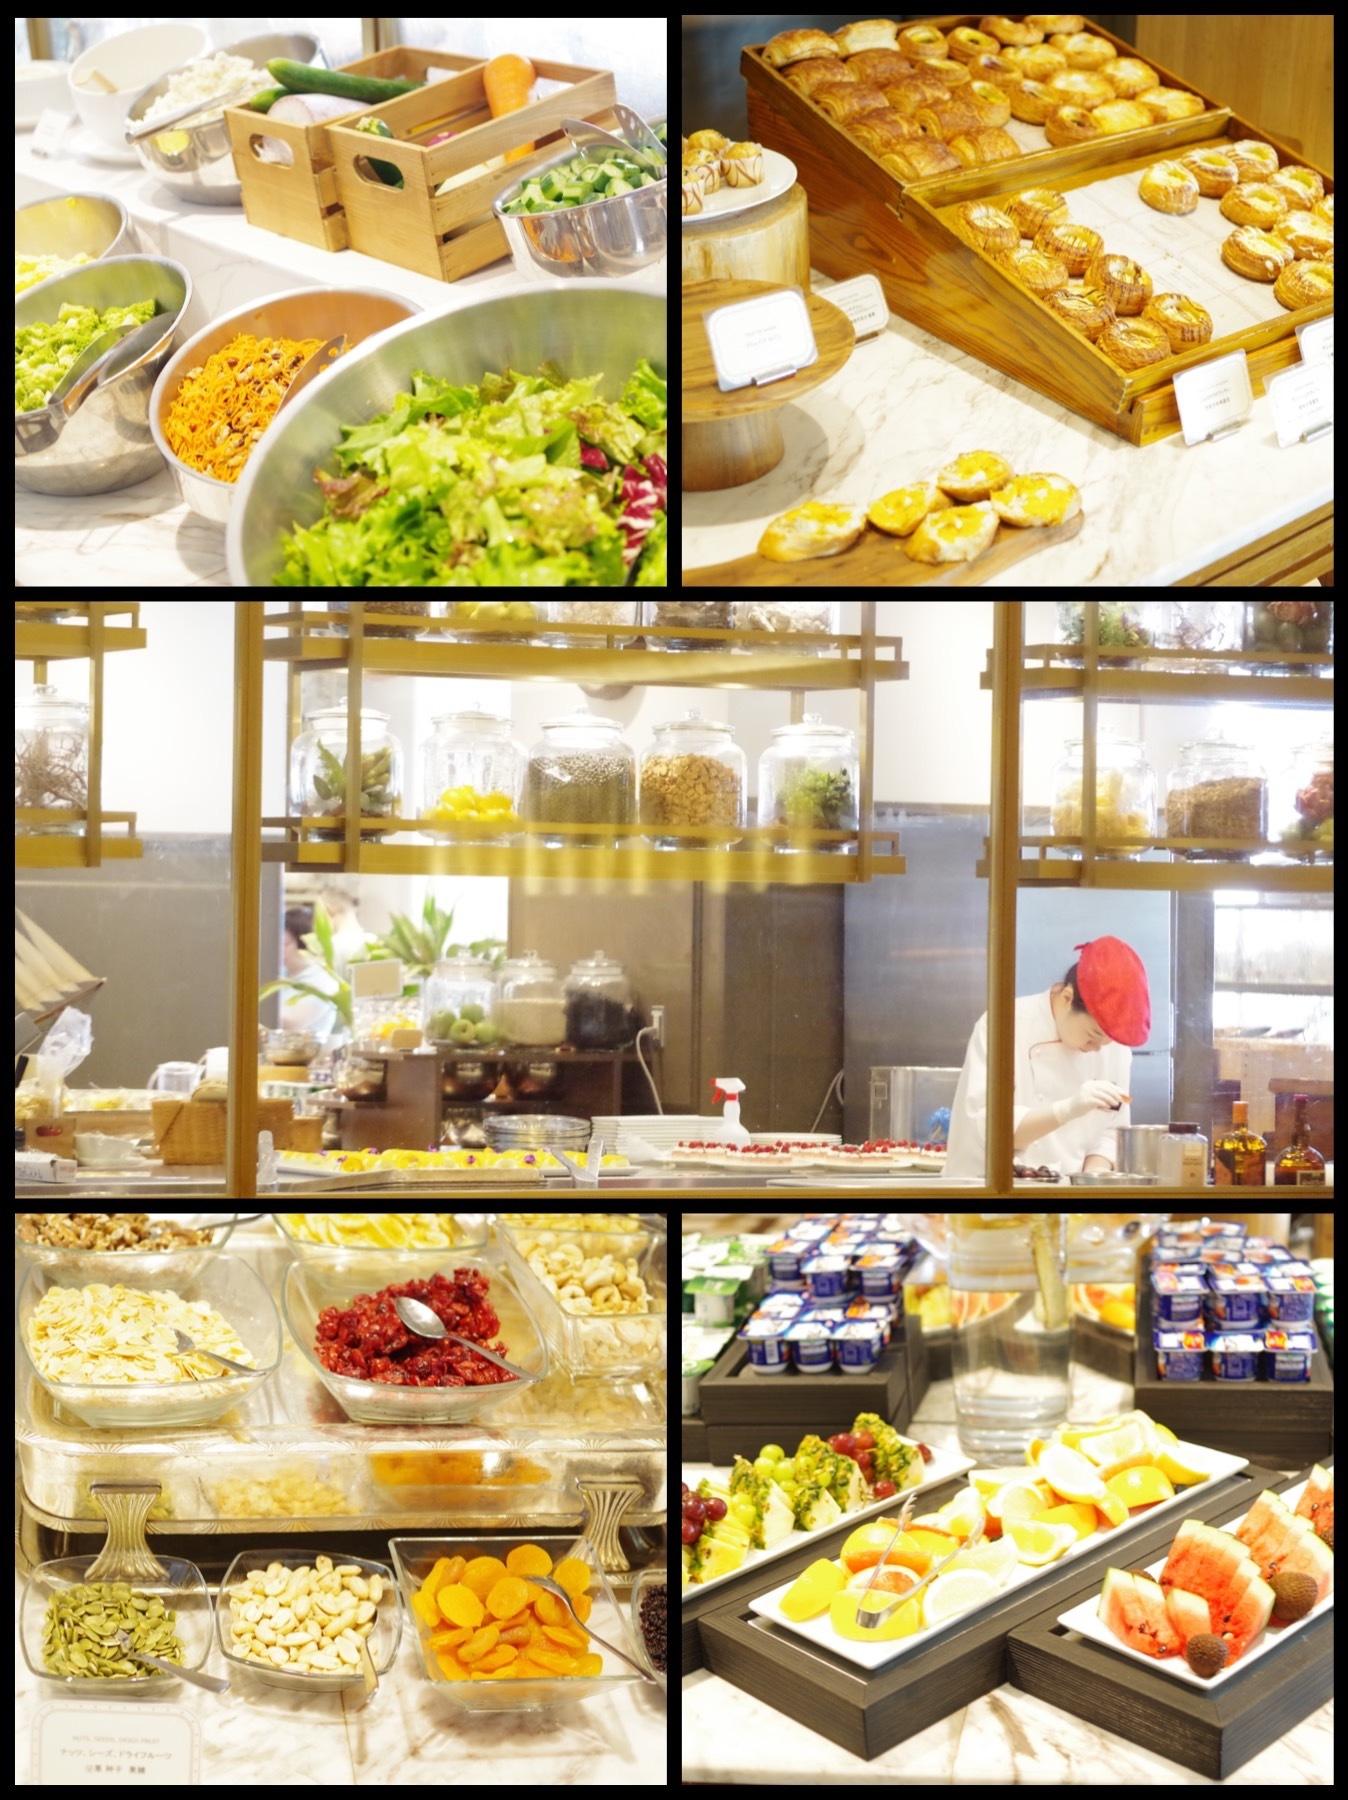 横浜インターコンチネンタルグランドホテル オーシャンテラス 朝食ビュッフェ